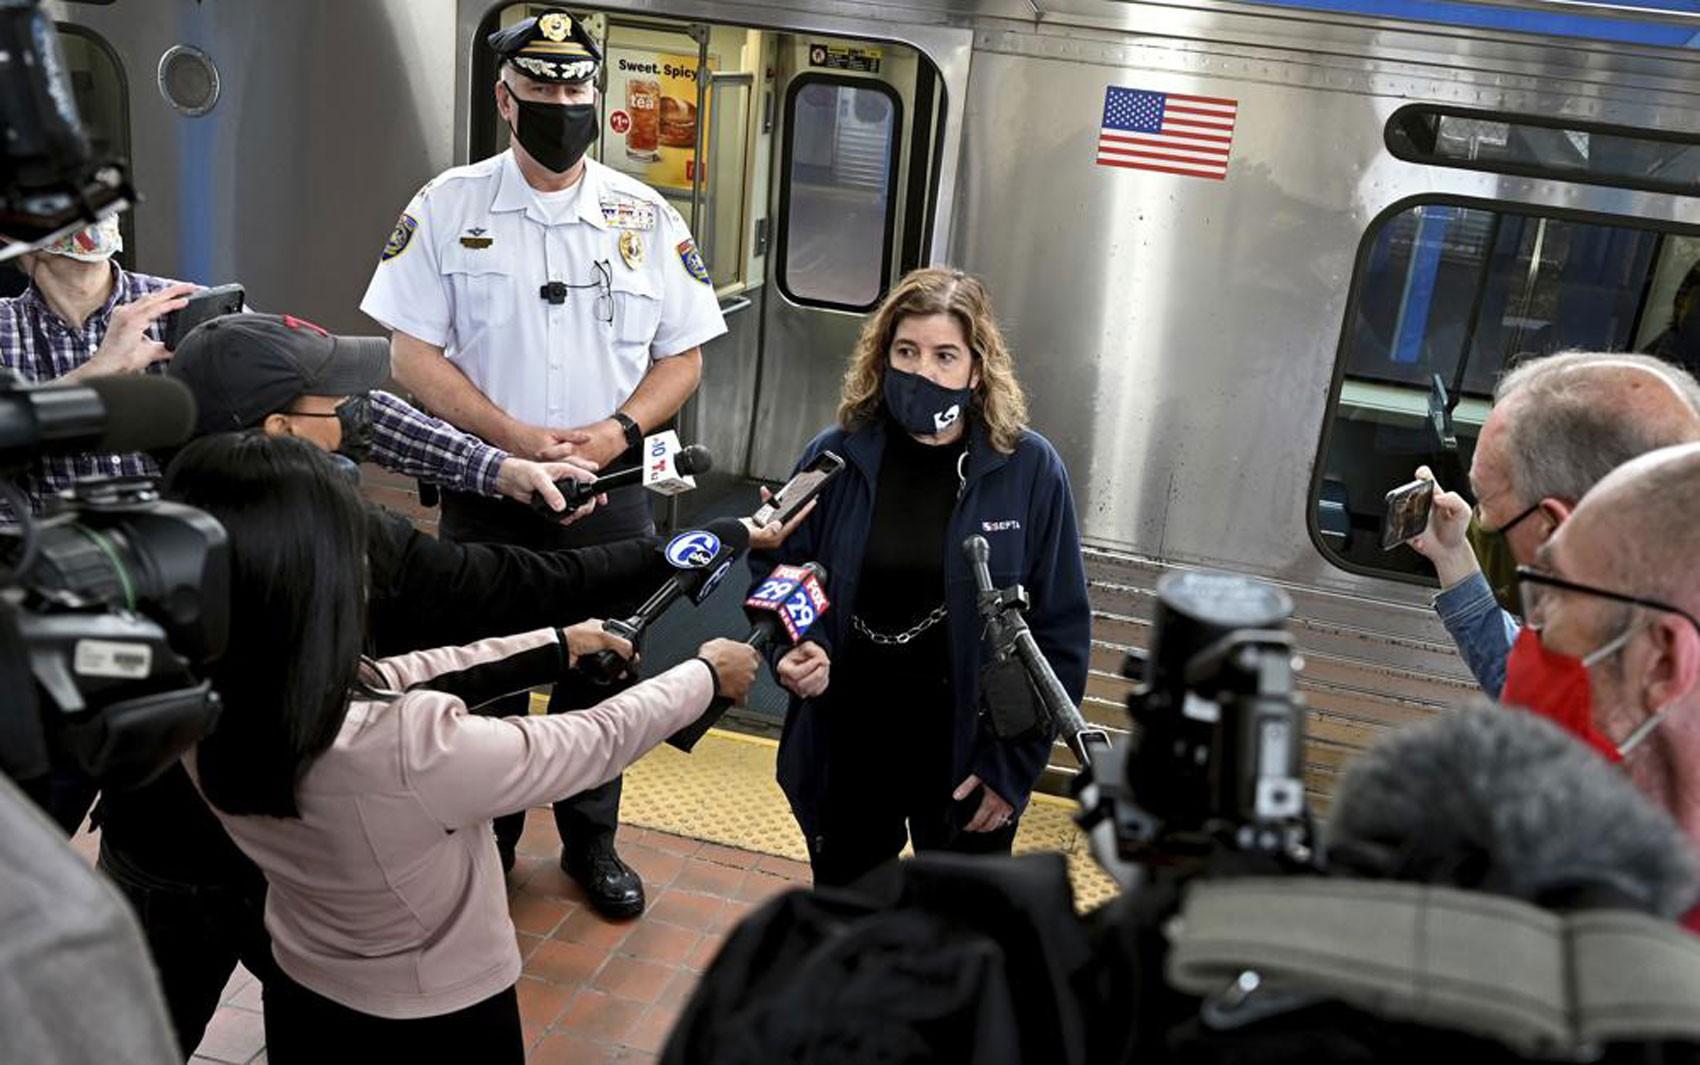 Estupro em metrô na Filadélfia seria evitado se passageiros tivessem usado celular para ajudar, diz polícia